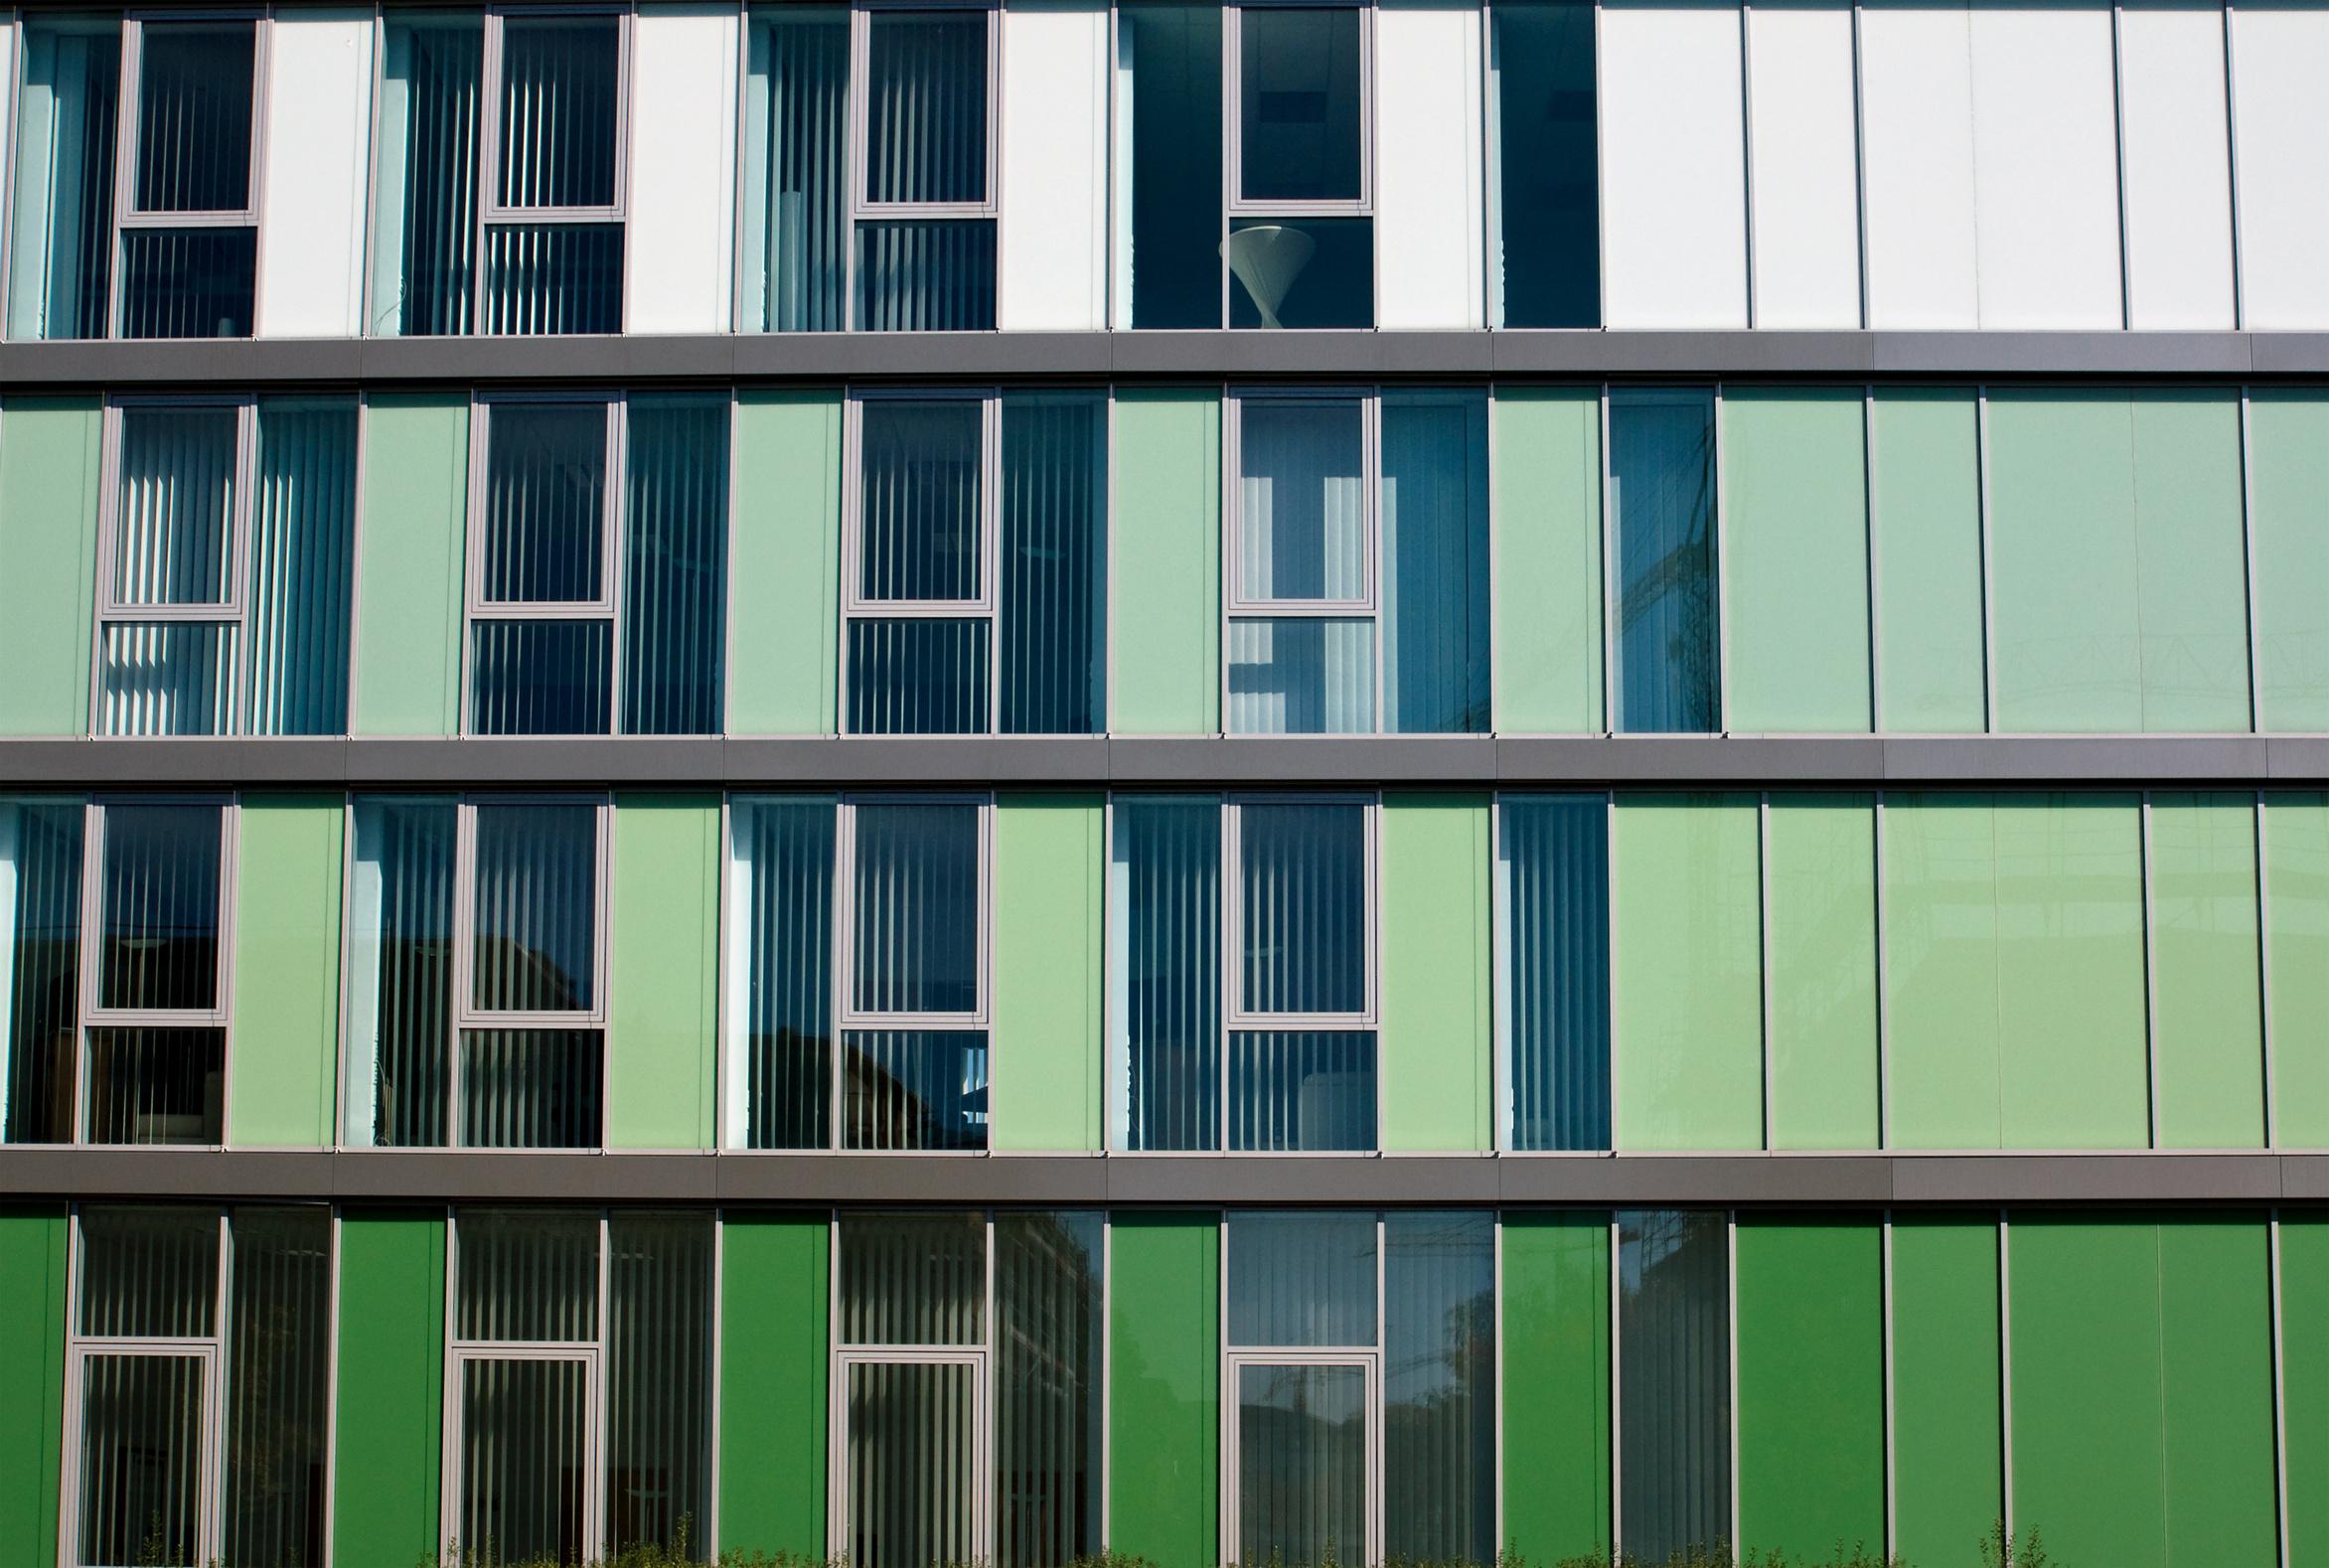 Einen wesentlichen Teil unserer Zeit verbringen wir in Gebäuden – als Bewohner, Arbeitnehmer oder auch Schüler.